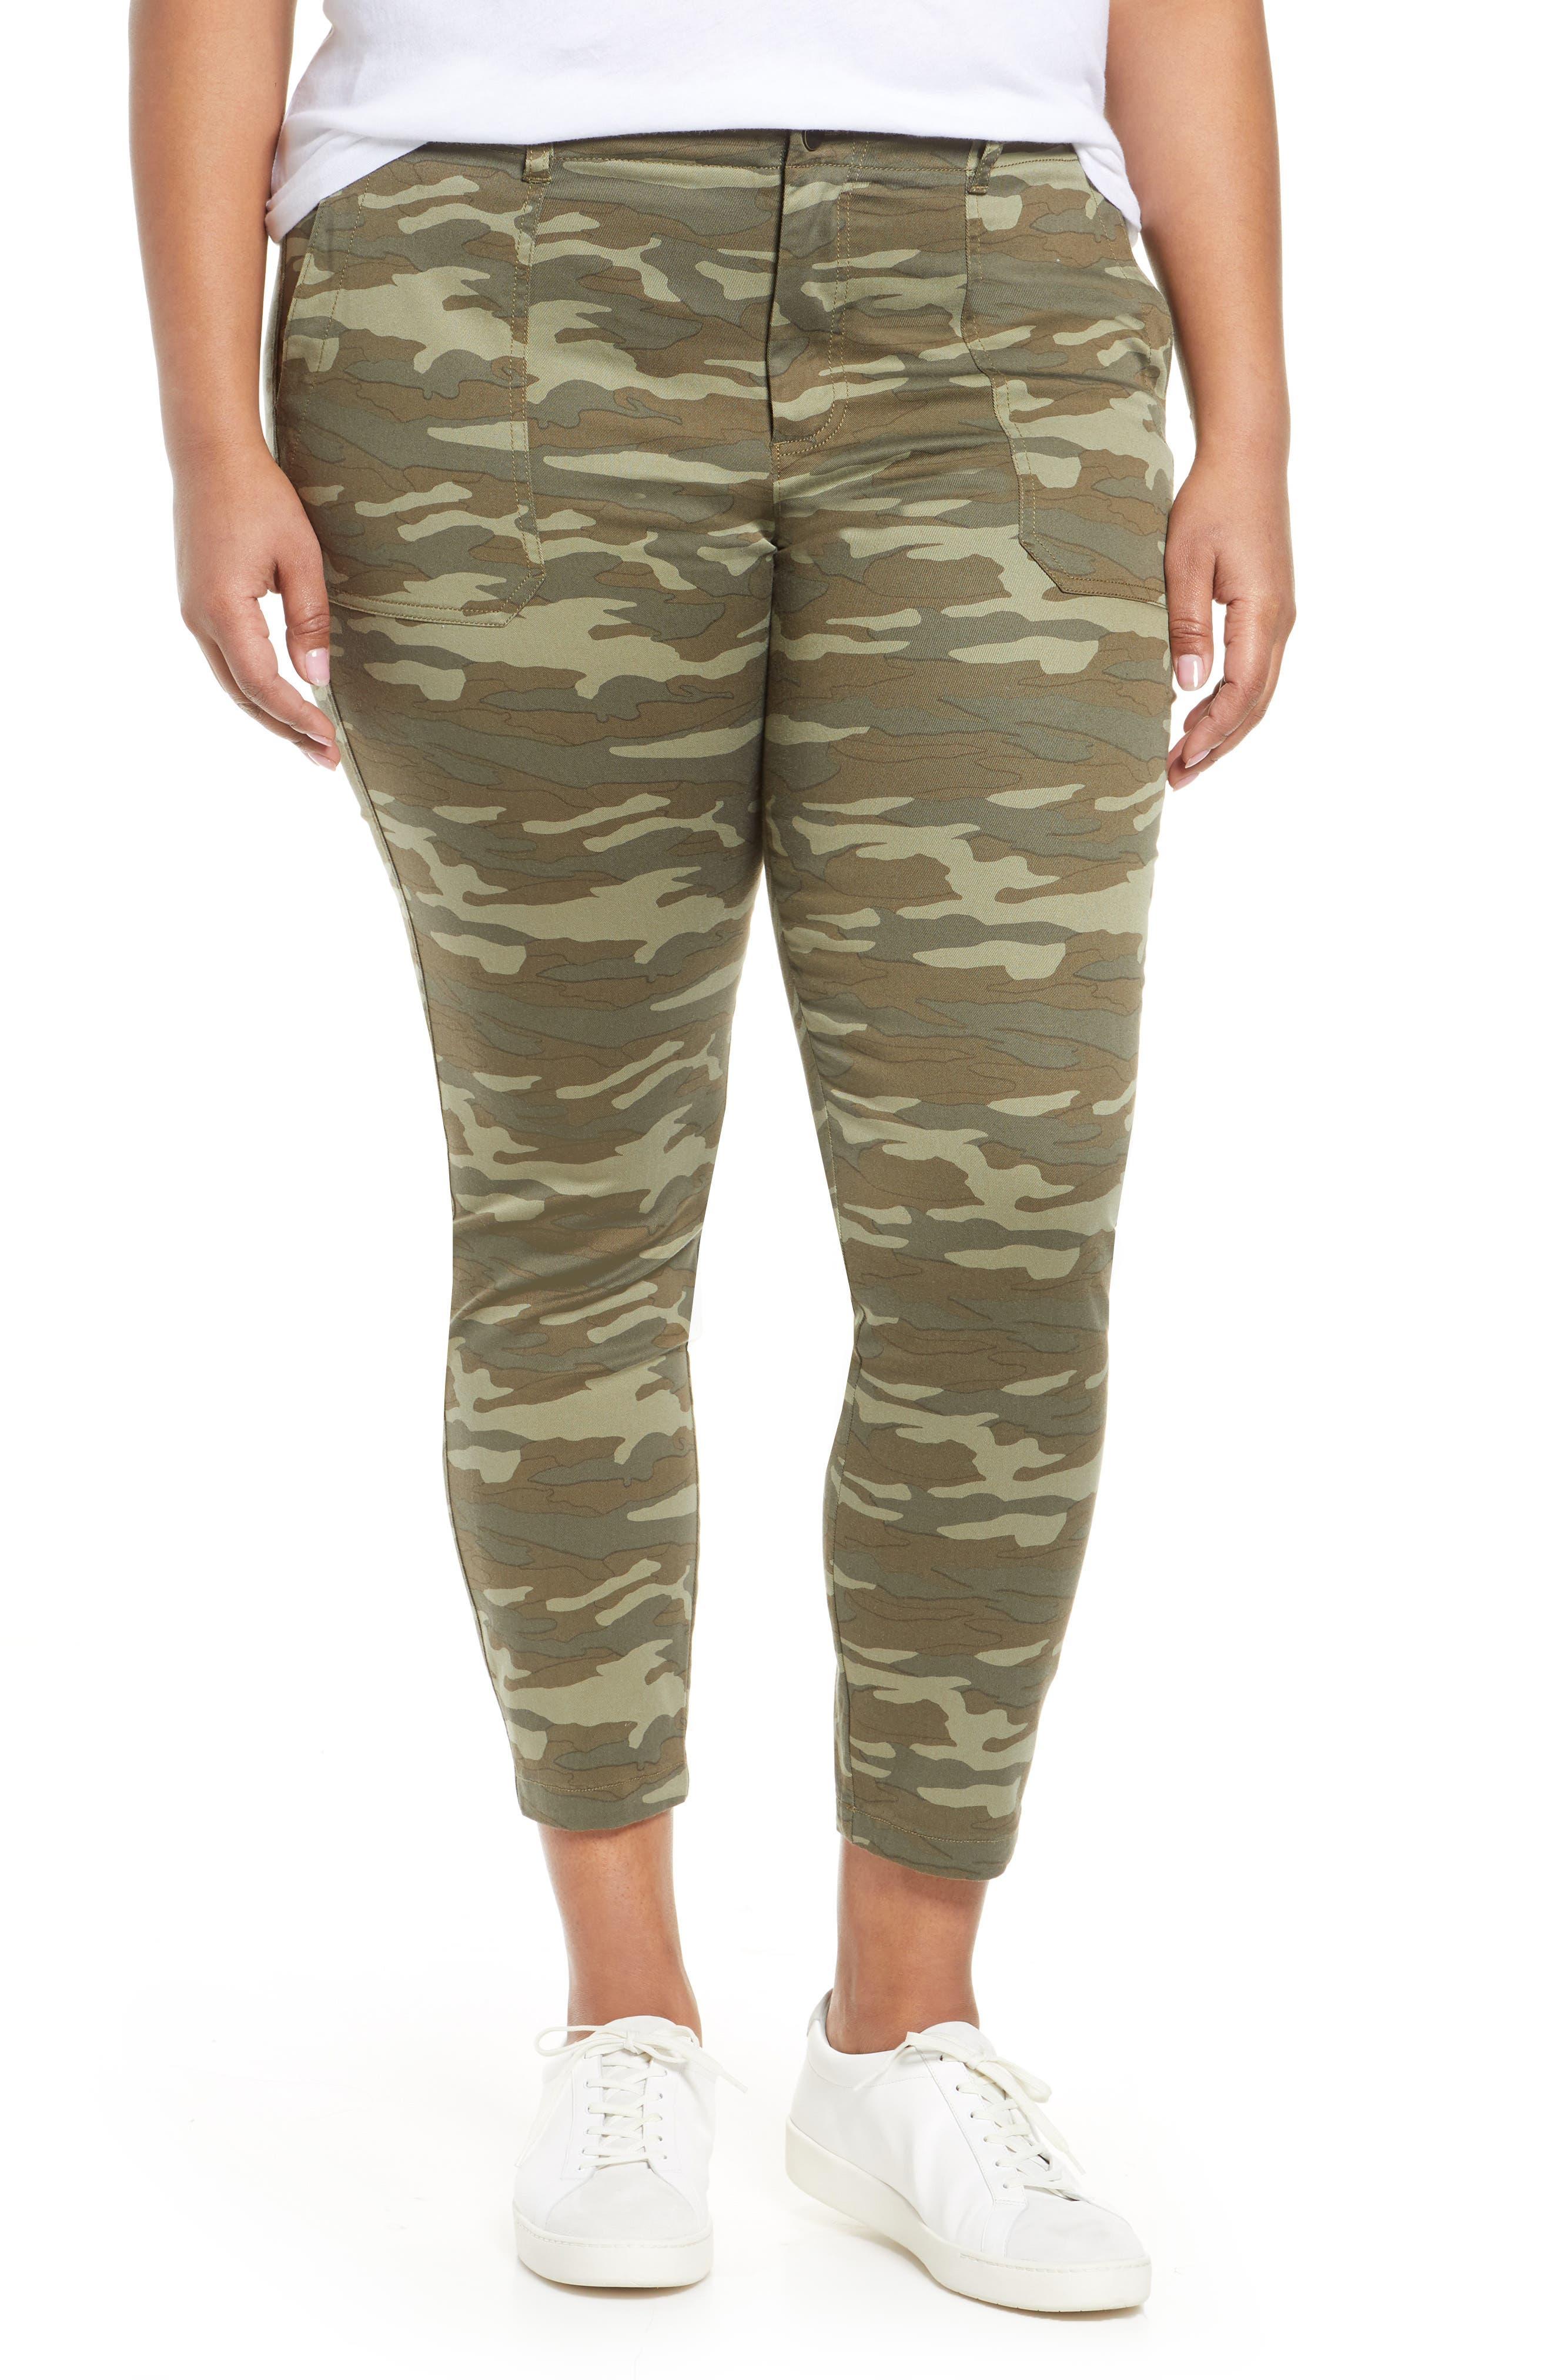 CaslonR Plus  Women's Caslon Crop Utility Pants,  18 - Green